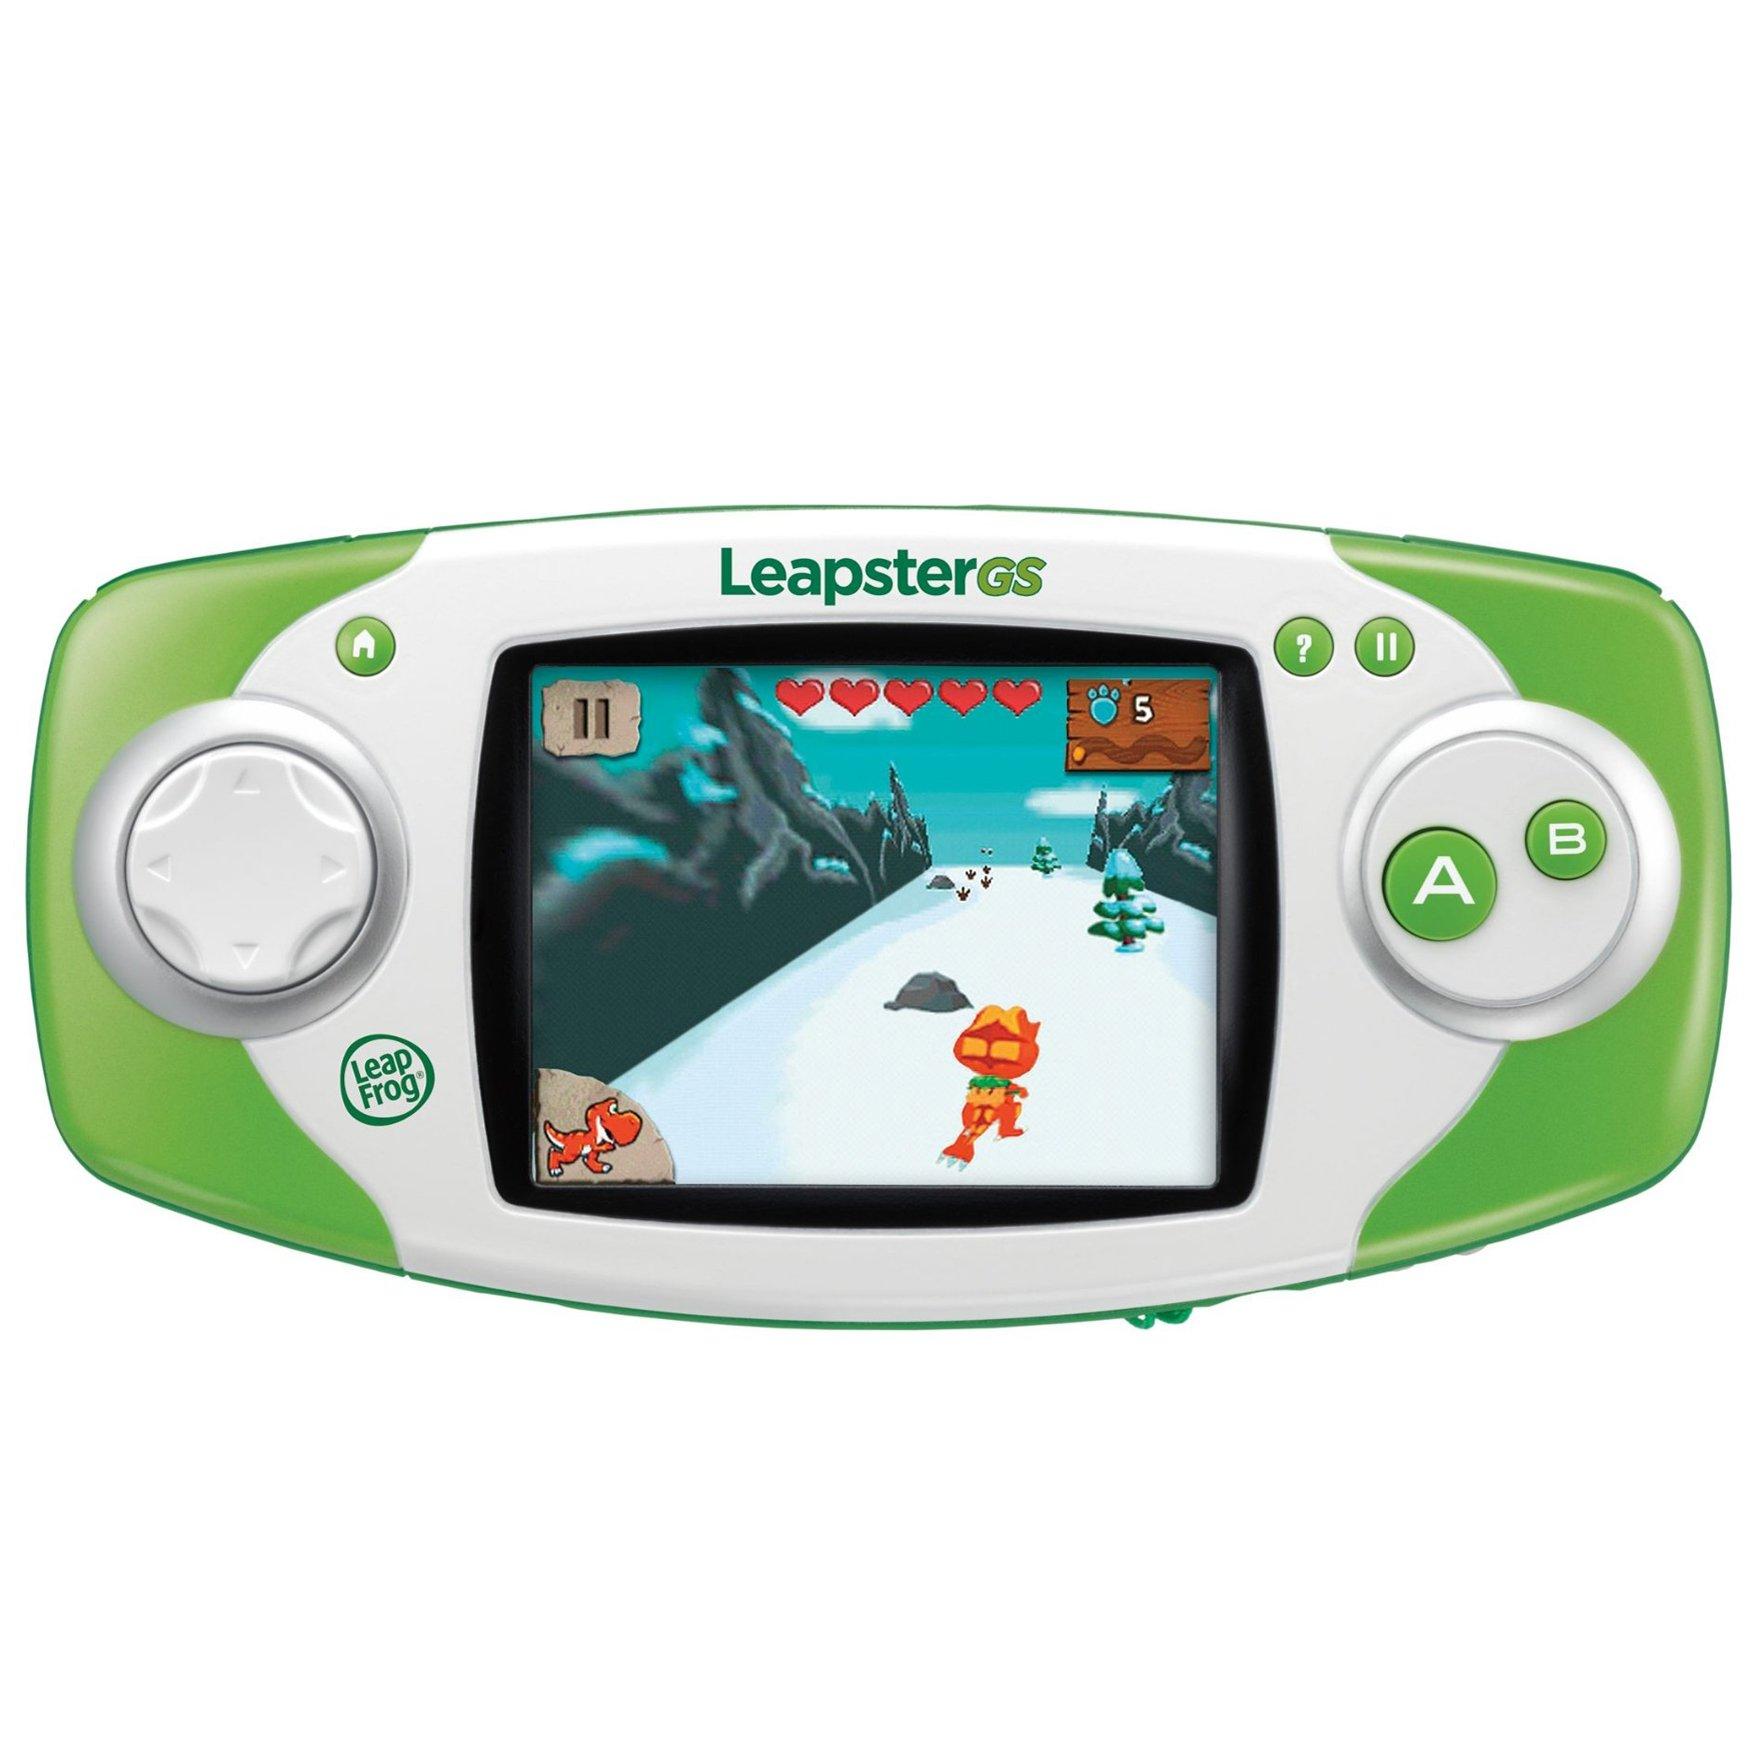 LeapFrog LeapsterGS Explorer, Green by LeapFrog